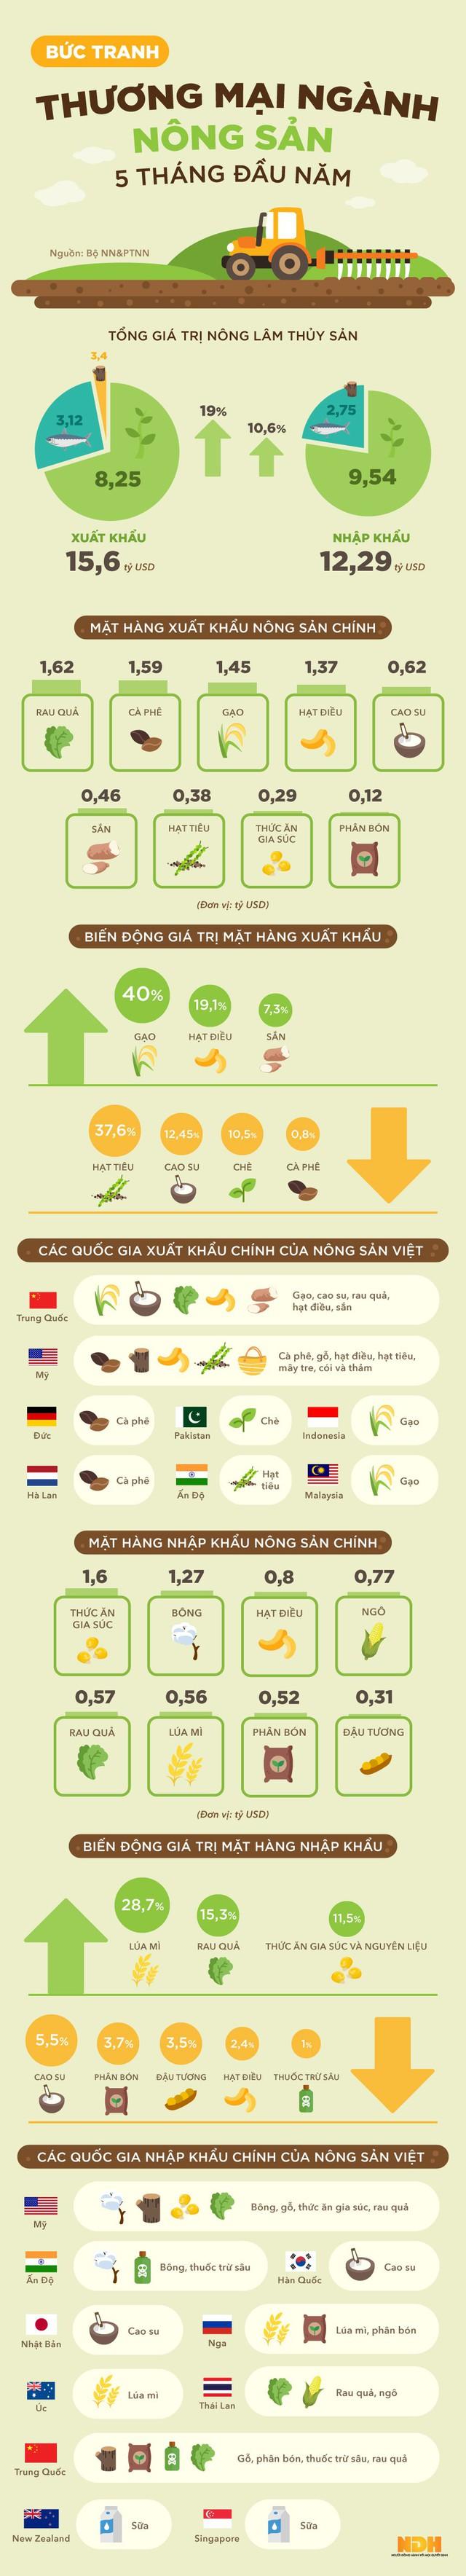 Infographic: Bức tranh thương mại nông sản 5 tháng đầu năm - Ảnh 1.